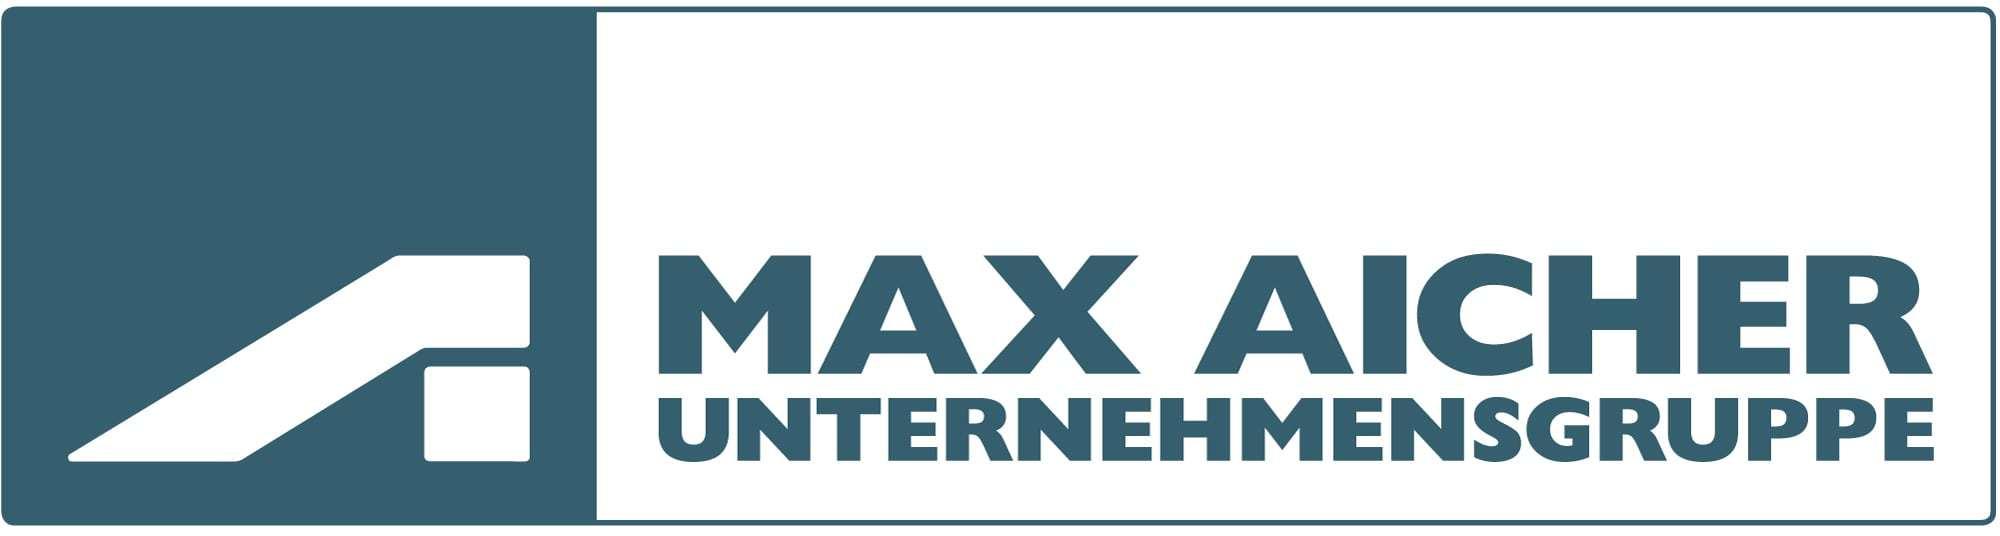 Max Aicher GmbH & Co. KG